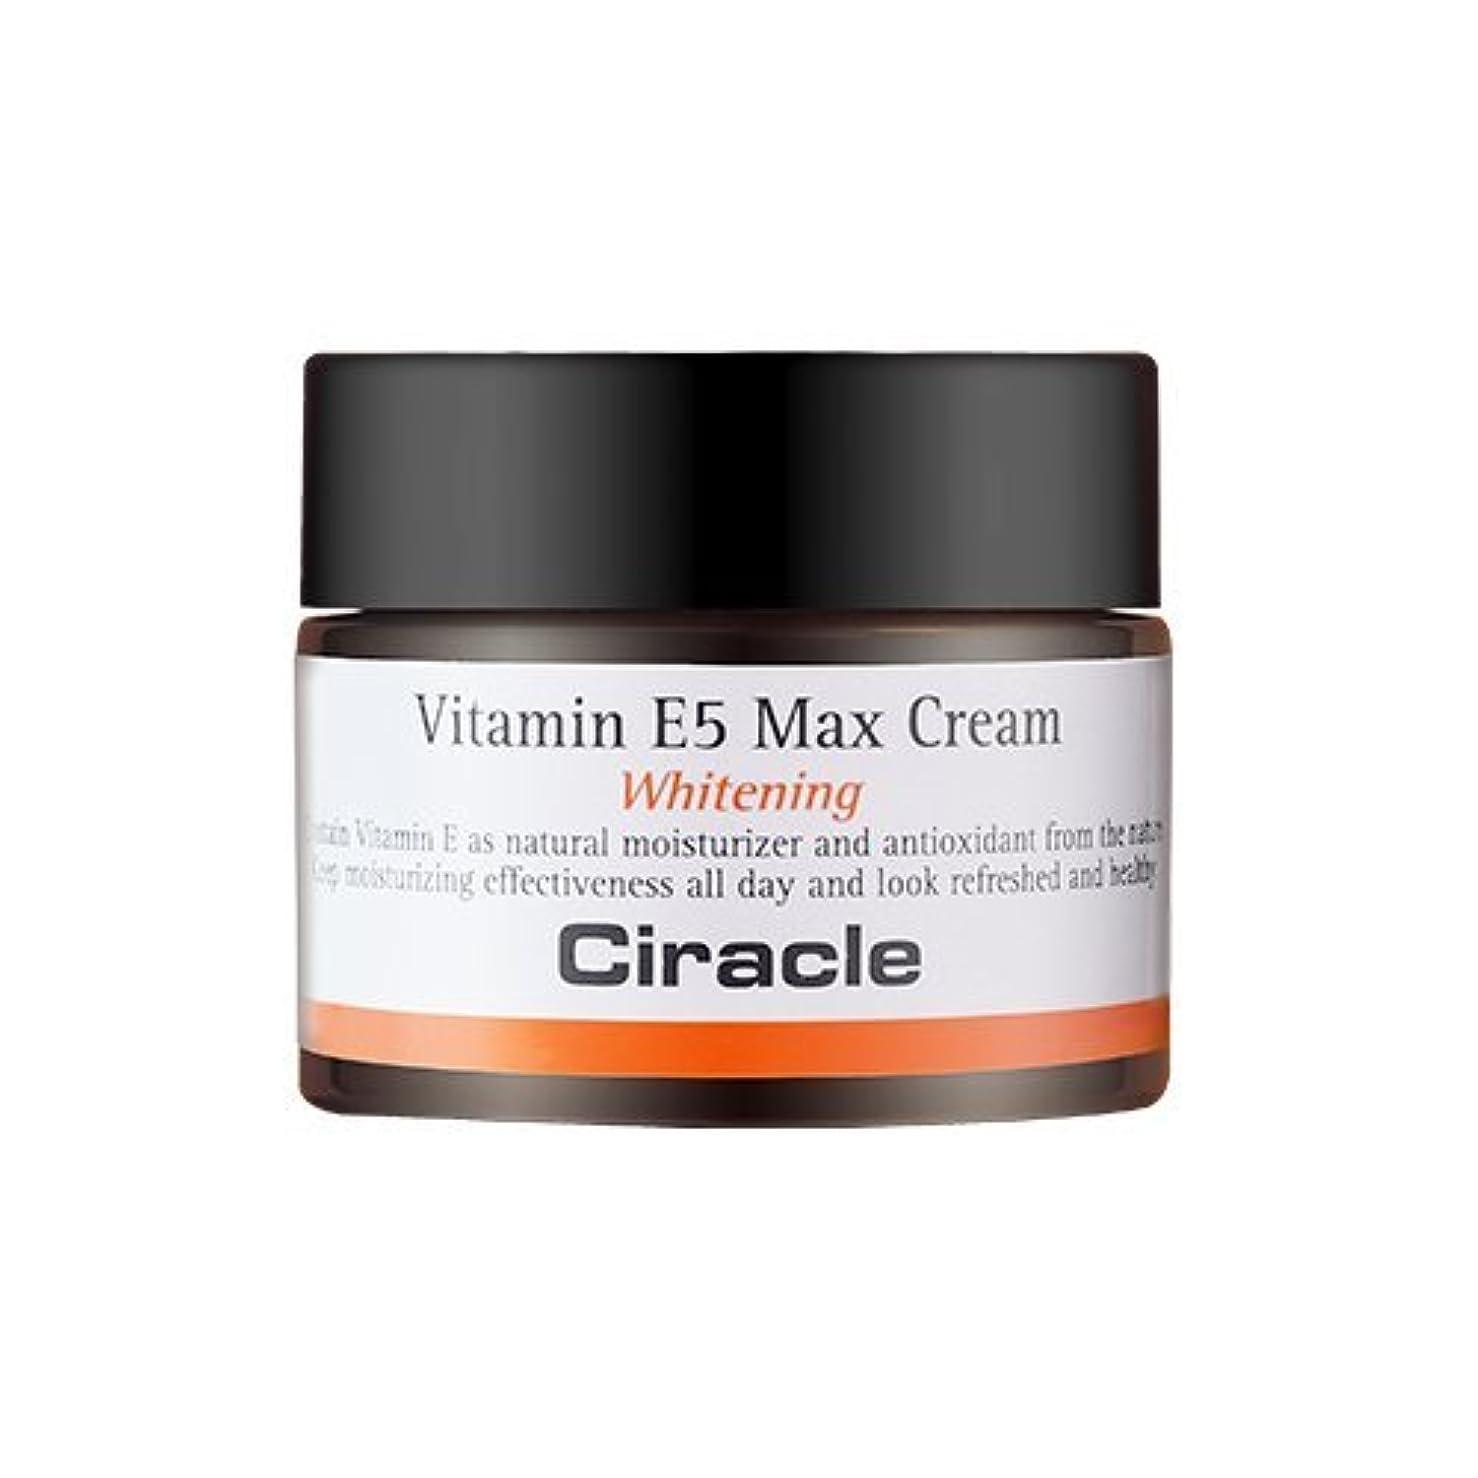 精度証明相談Ciracle Vitamin E5 Max Cream シラクル ビタミンE5 マックス クリーム 50ml [並行輸入品]